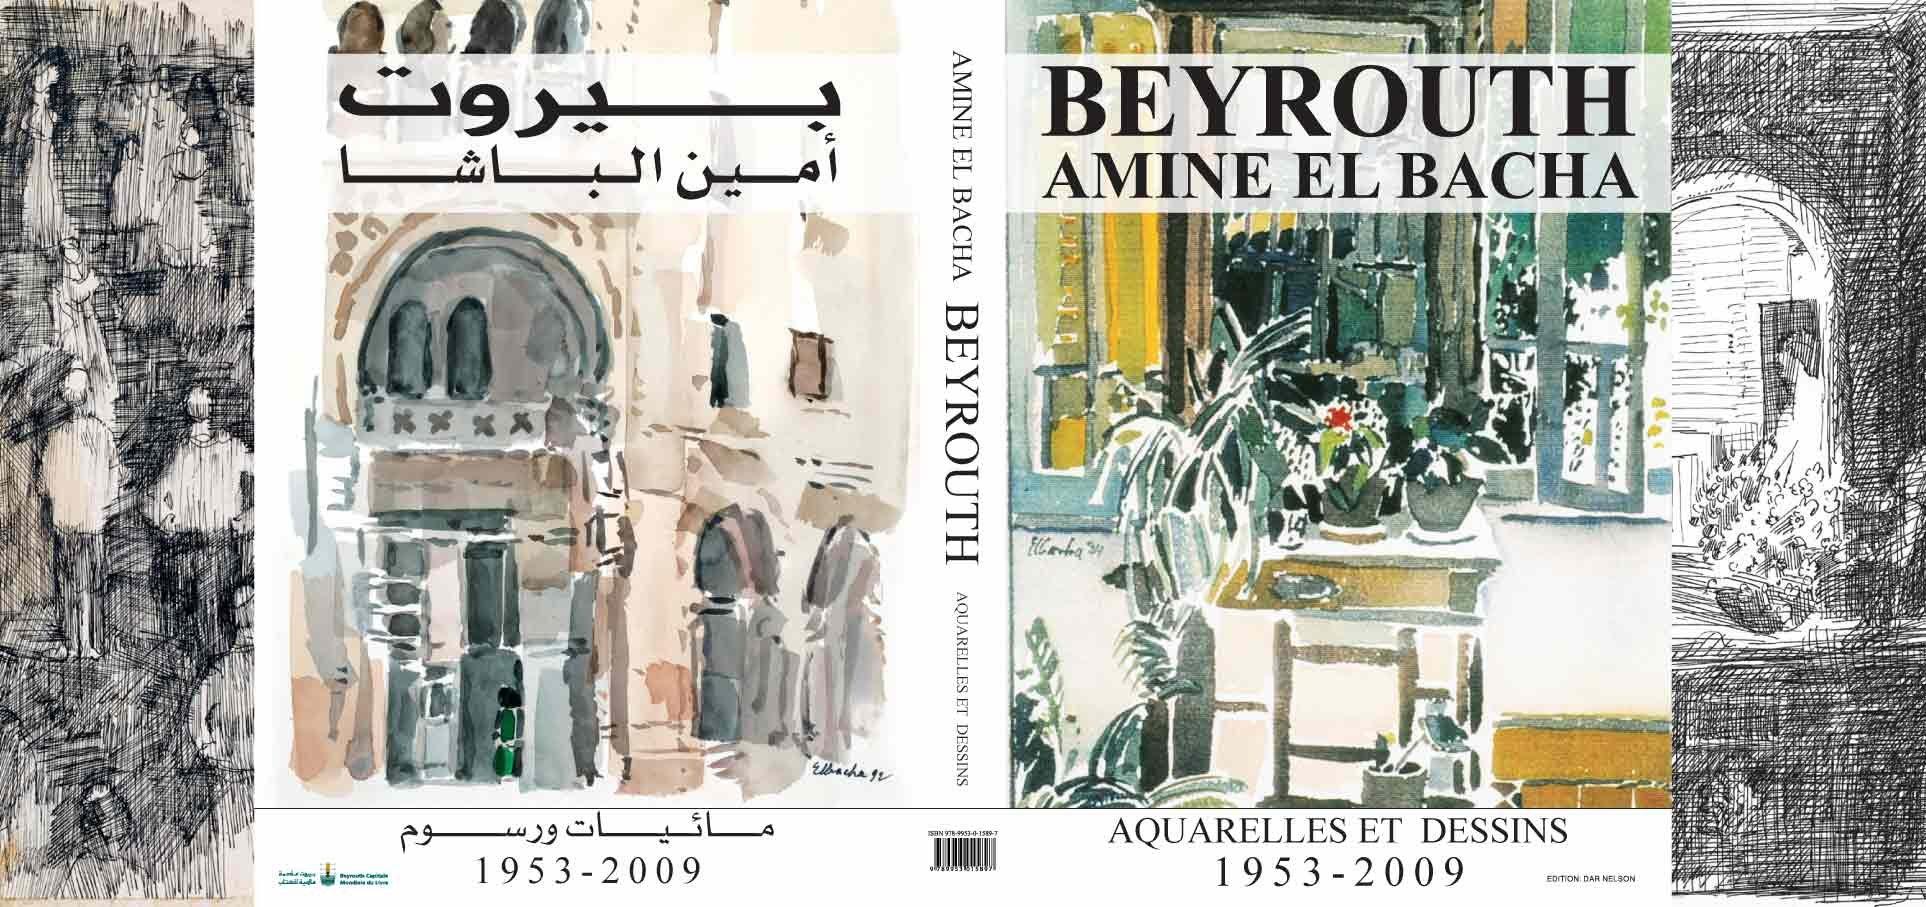 Beyrouth Amine El Bacha